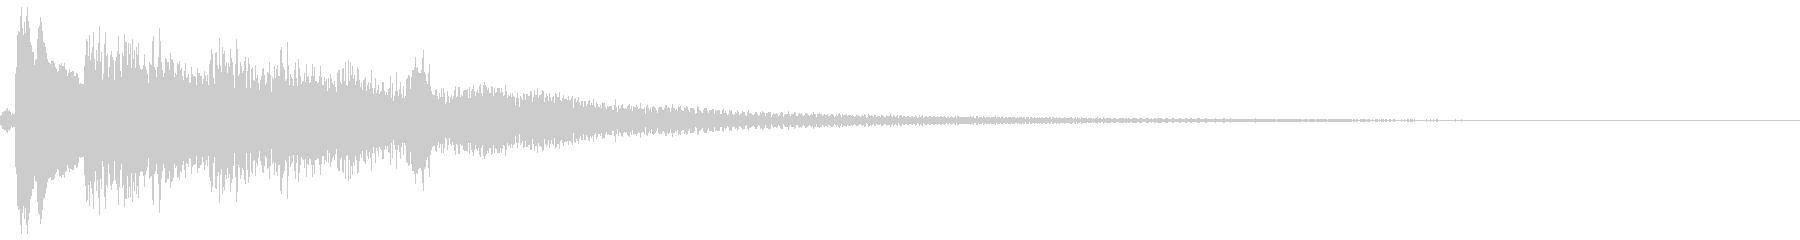 和風「タララララララン」琴のロゴ音1の未再生の波形